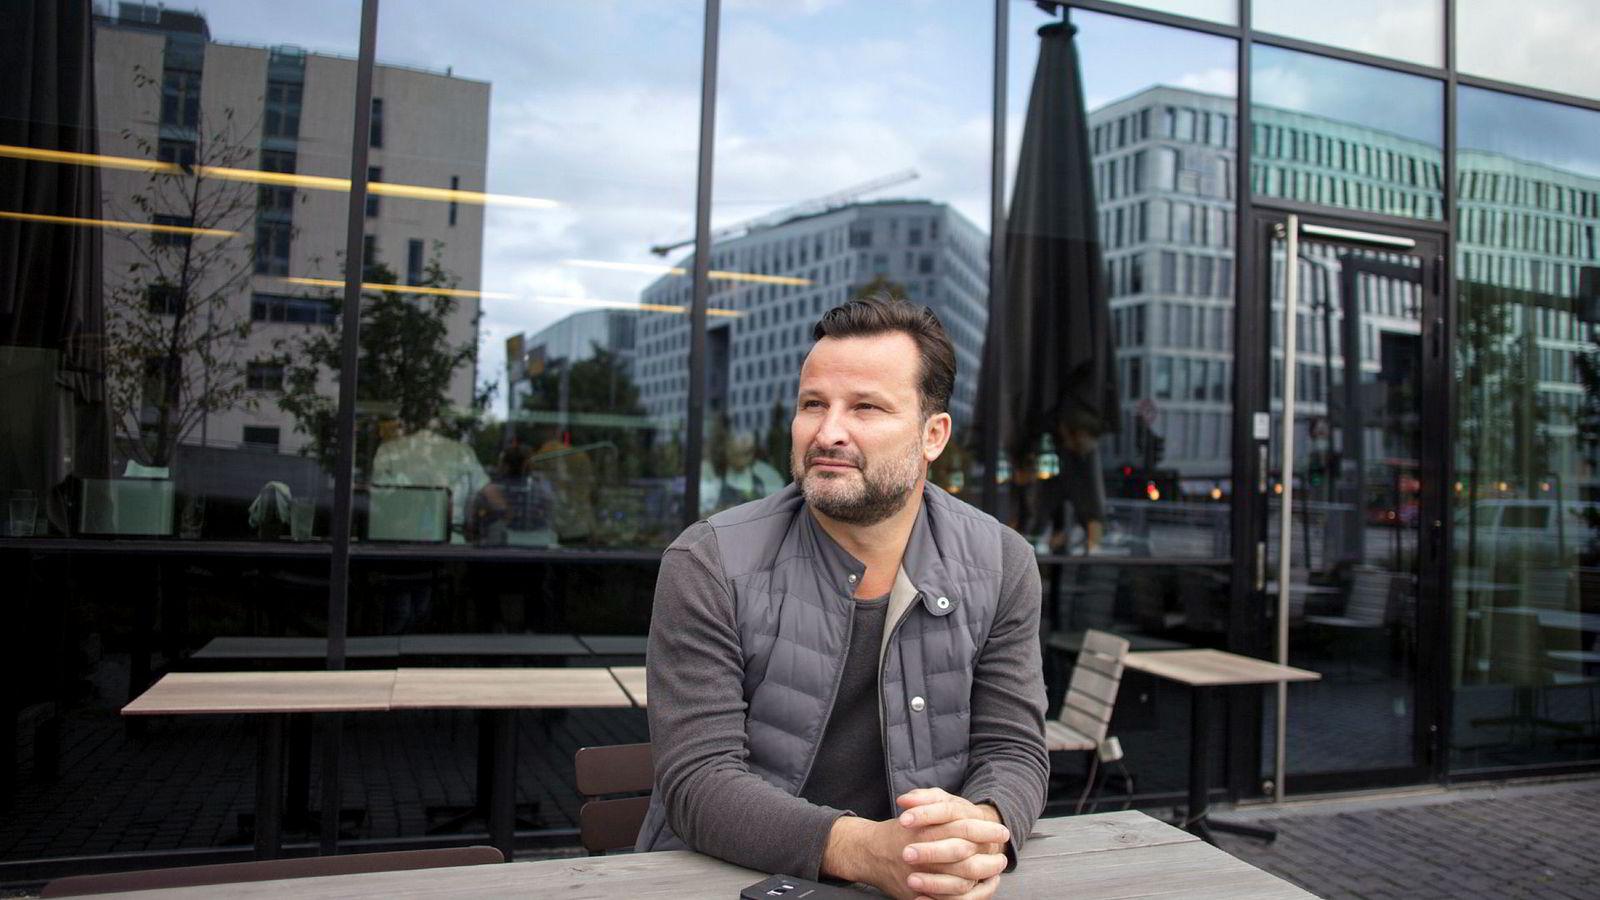 Seriegründer Are Traasdahl innledet et korstog mot epost, og fikk en ny og bedre jobbhverdag,